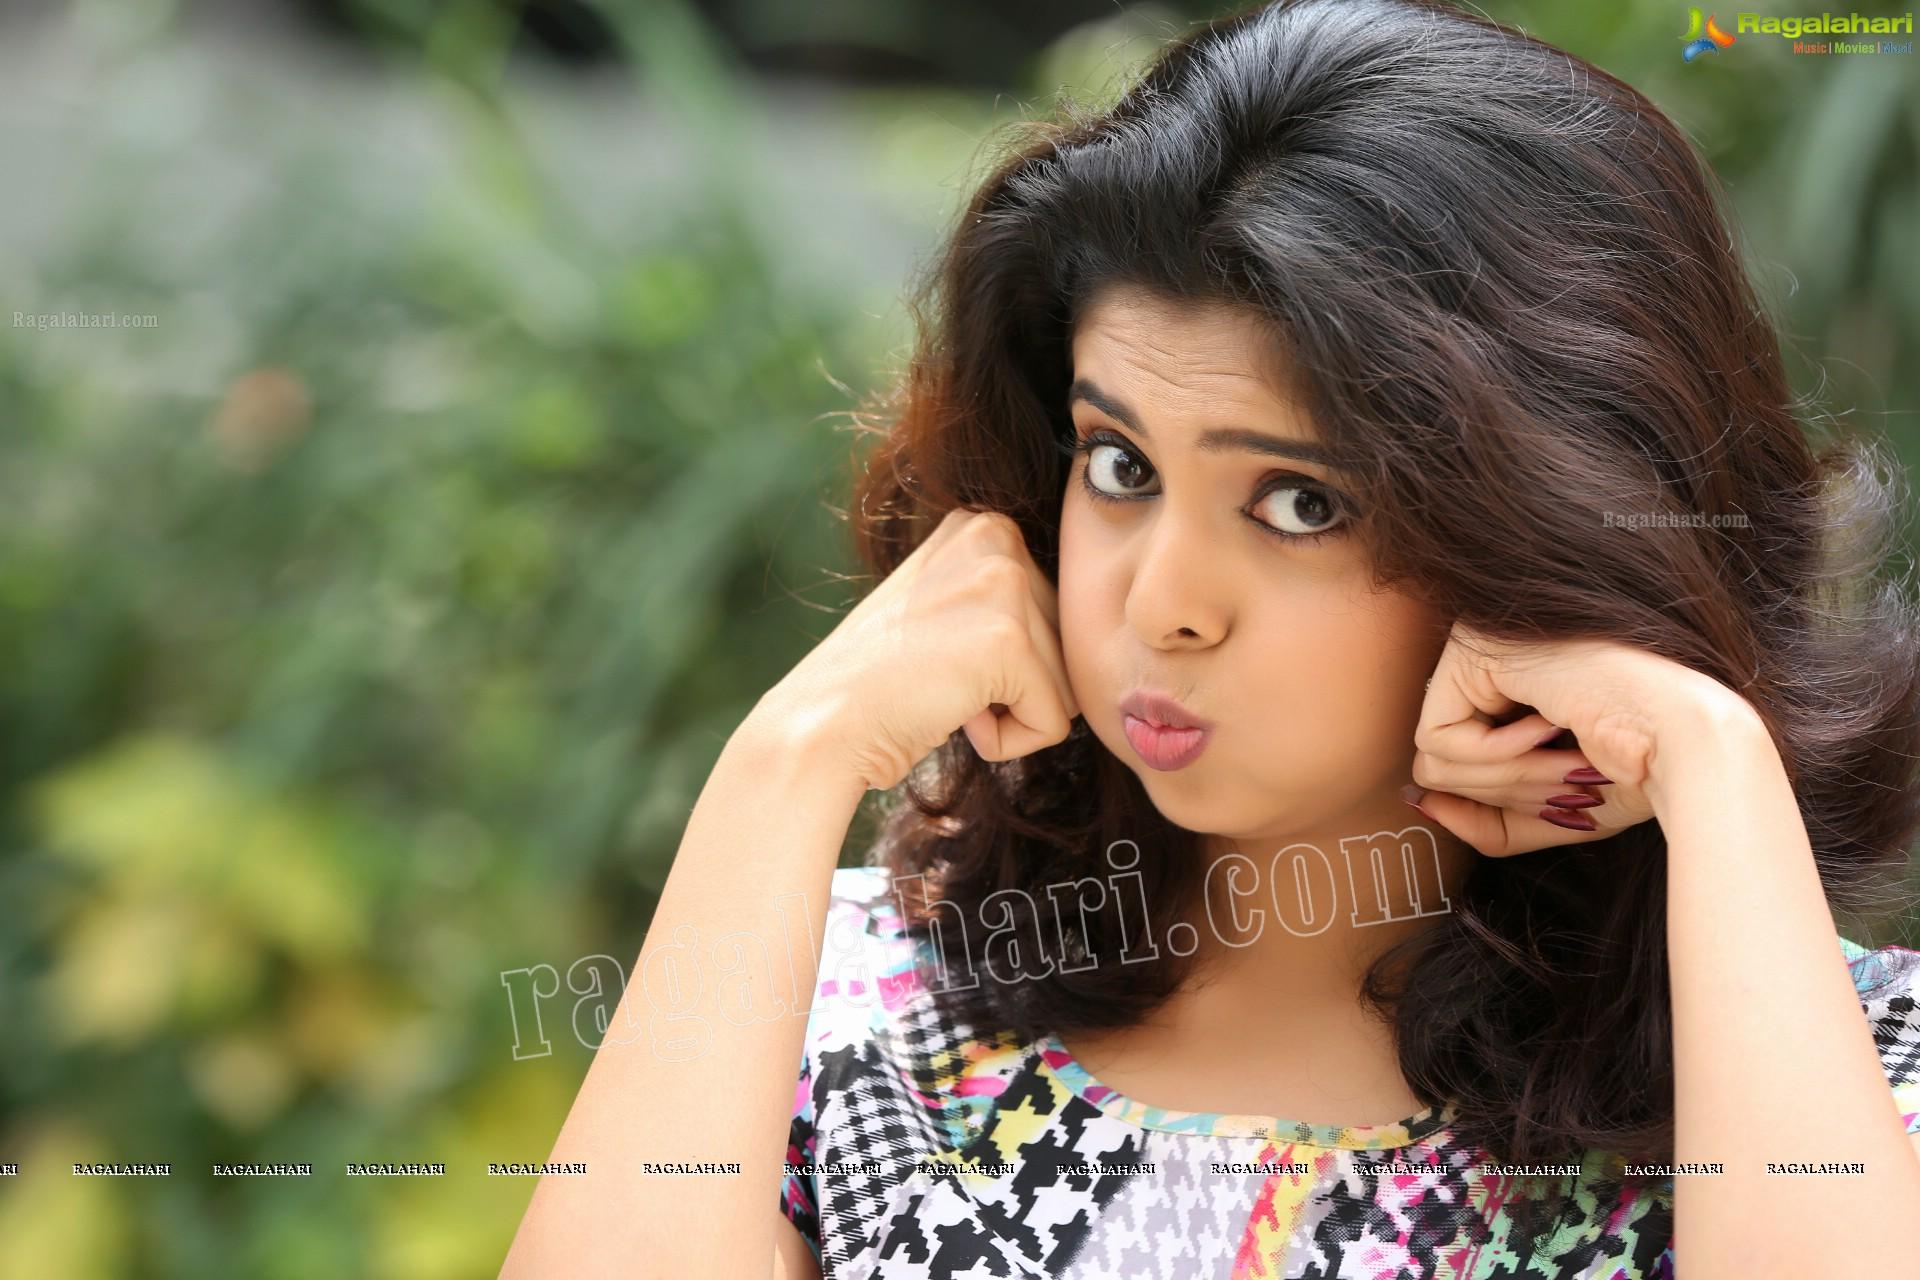 Indian Actress Photo Gallery Ragalahari